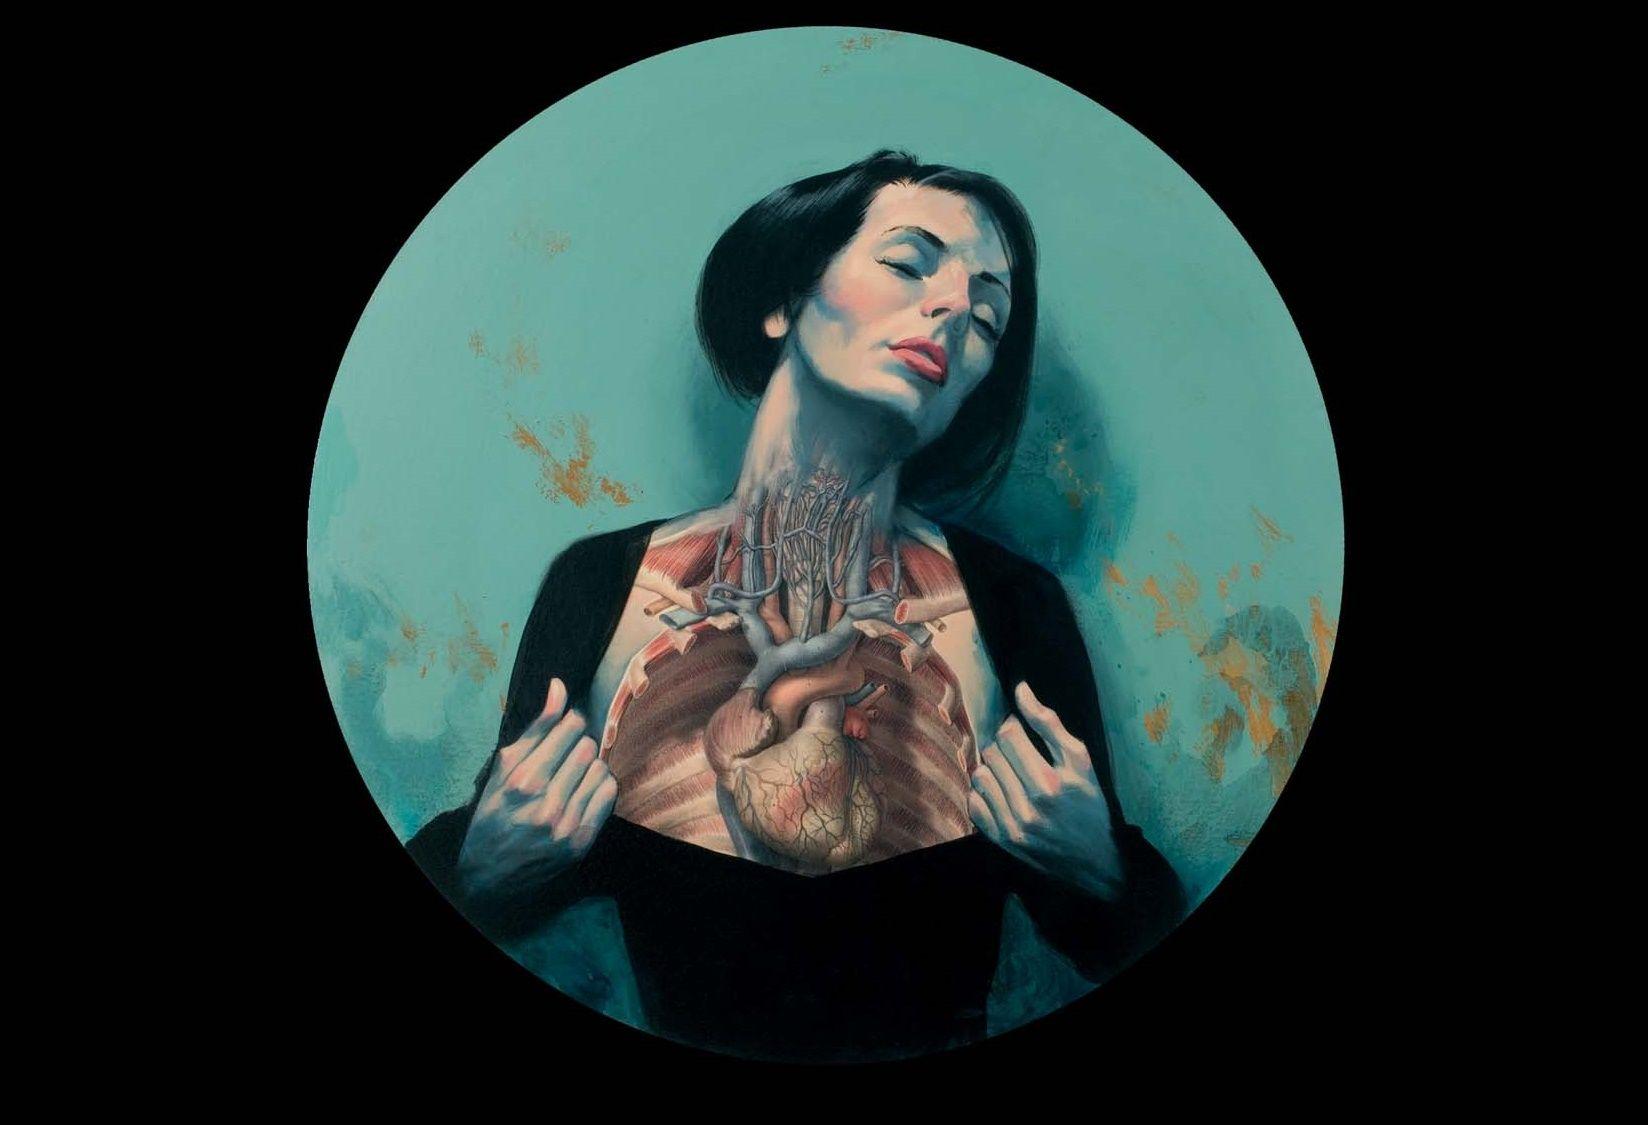 Fernando Vicente, Autopsy of Fashion